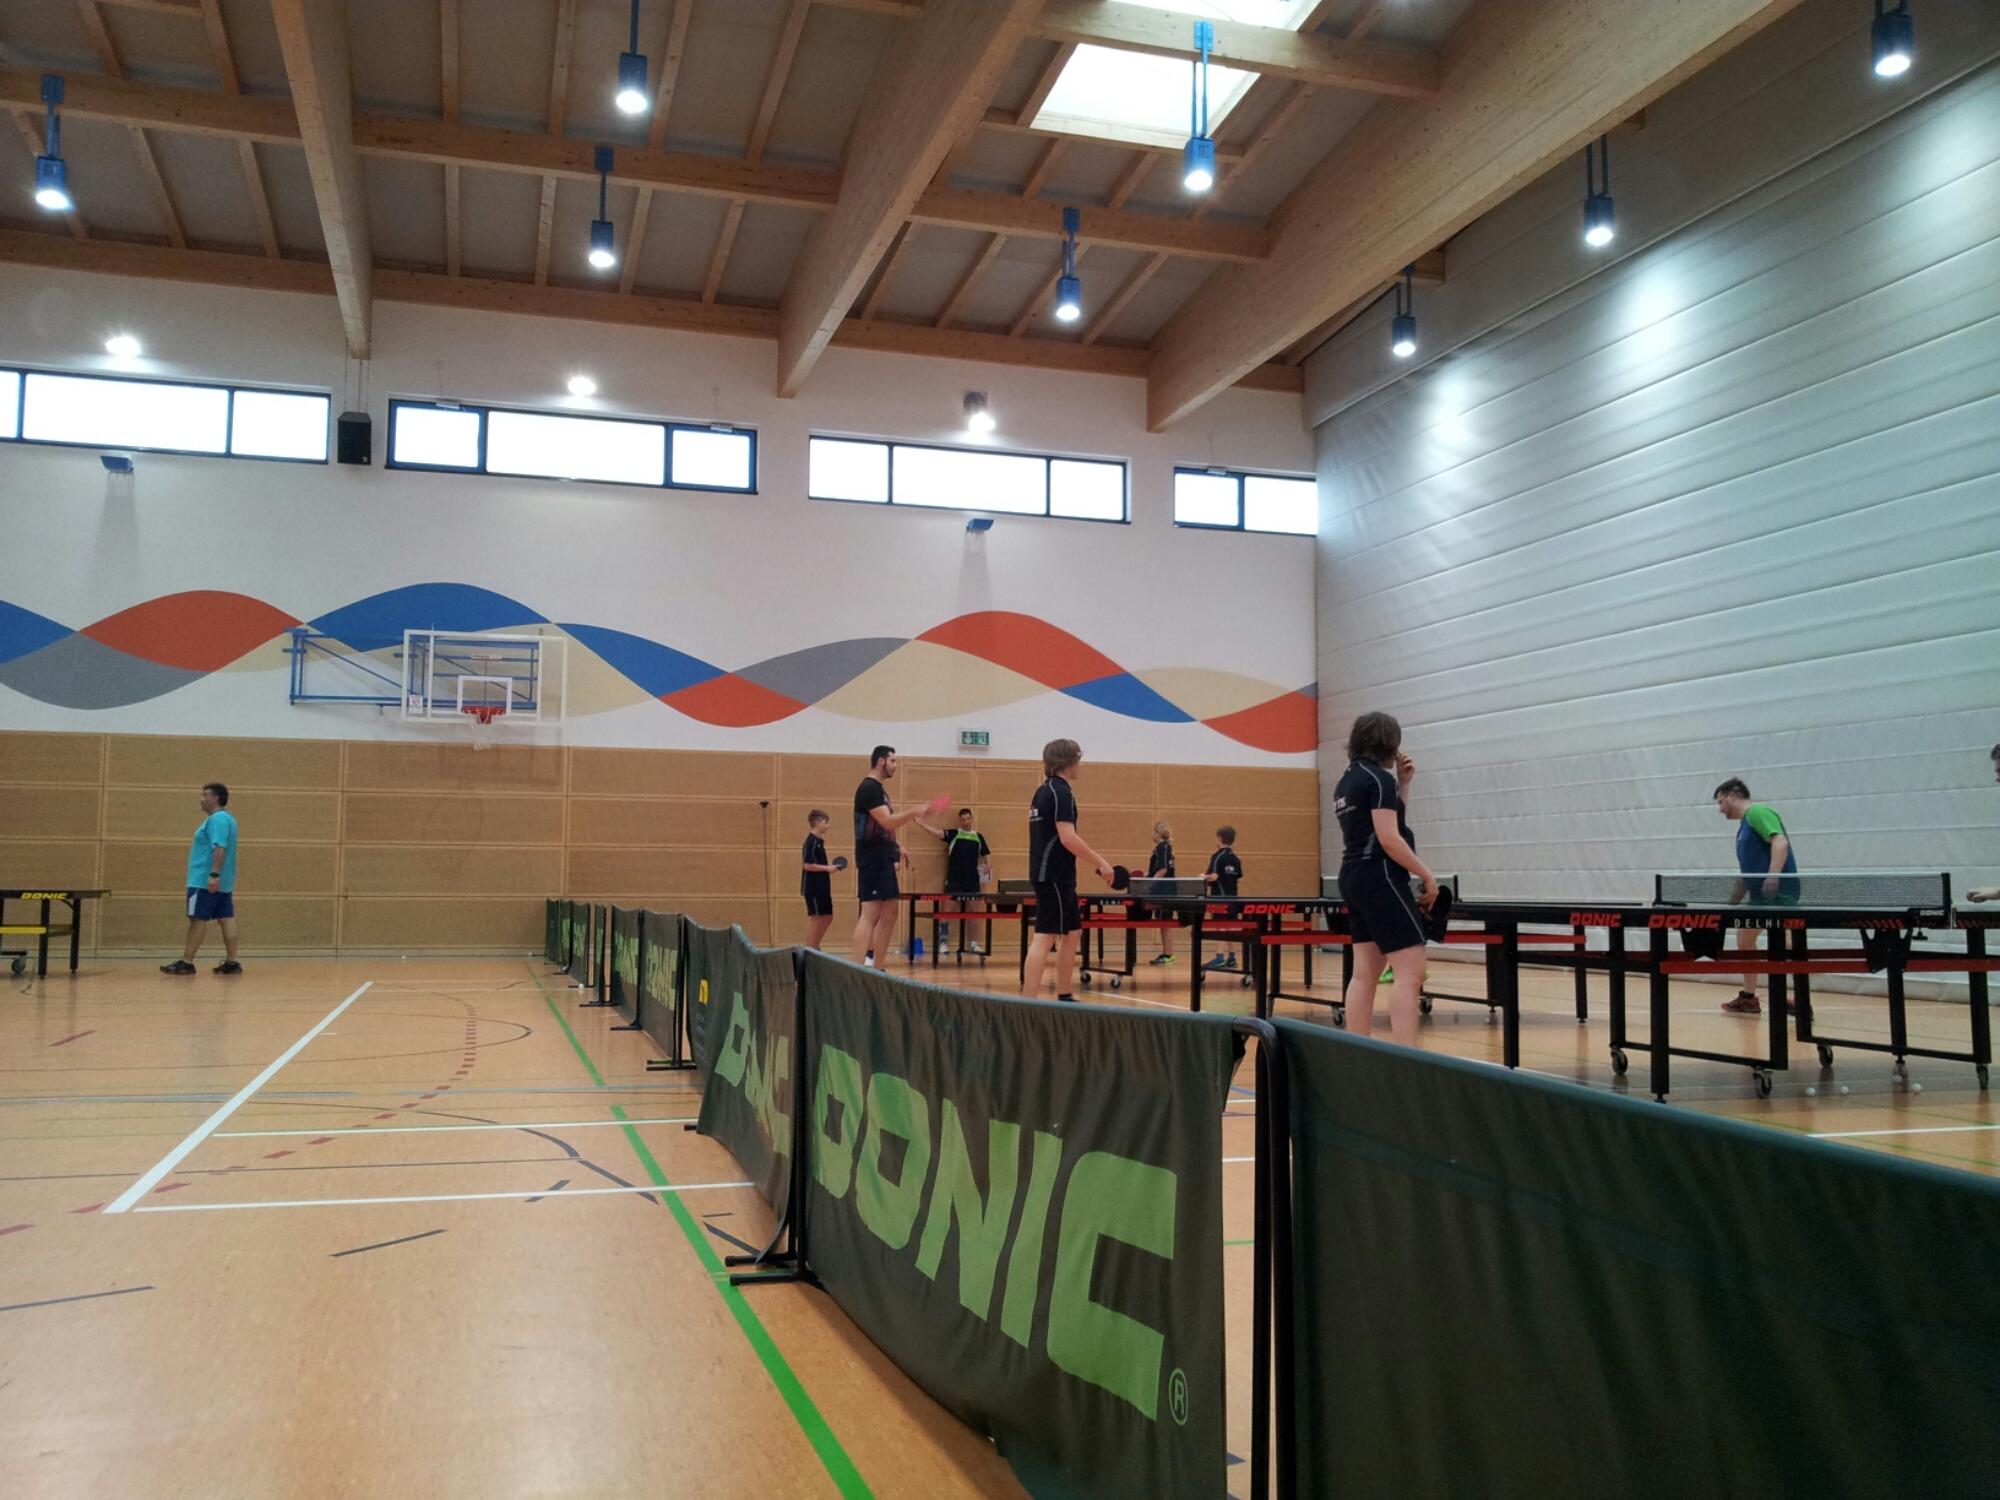 ttc annaberg tischtennis erzgebirge